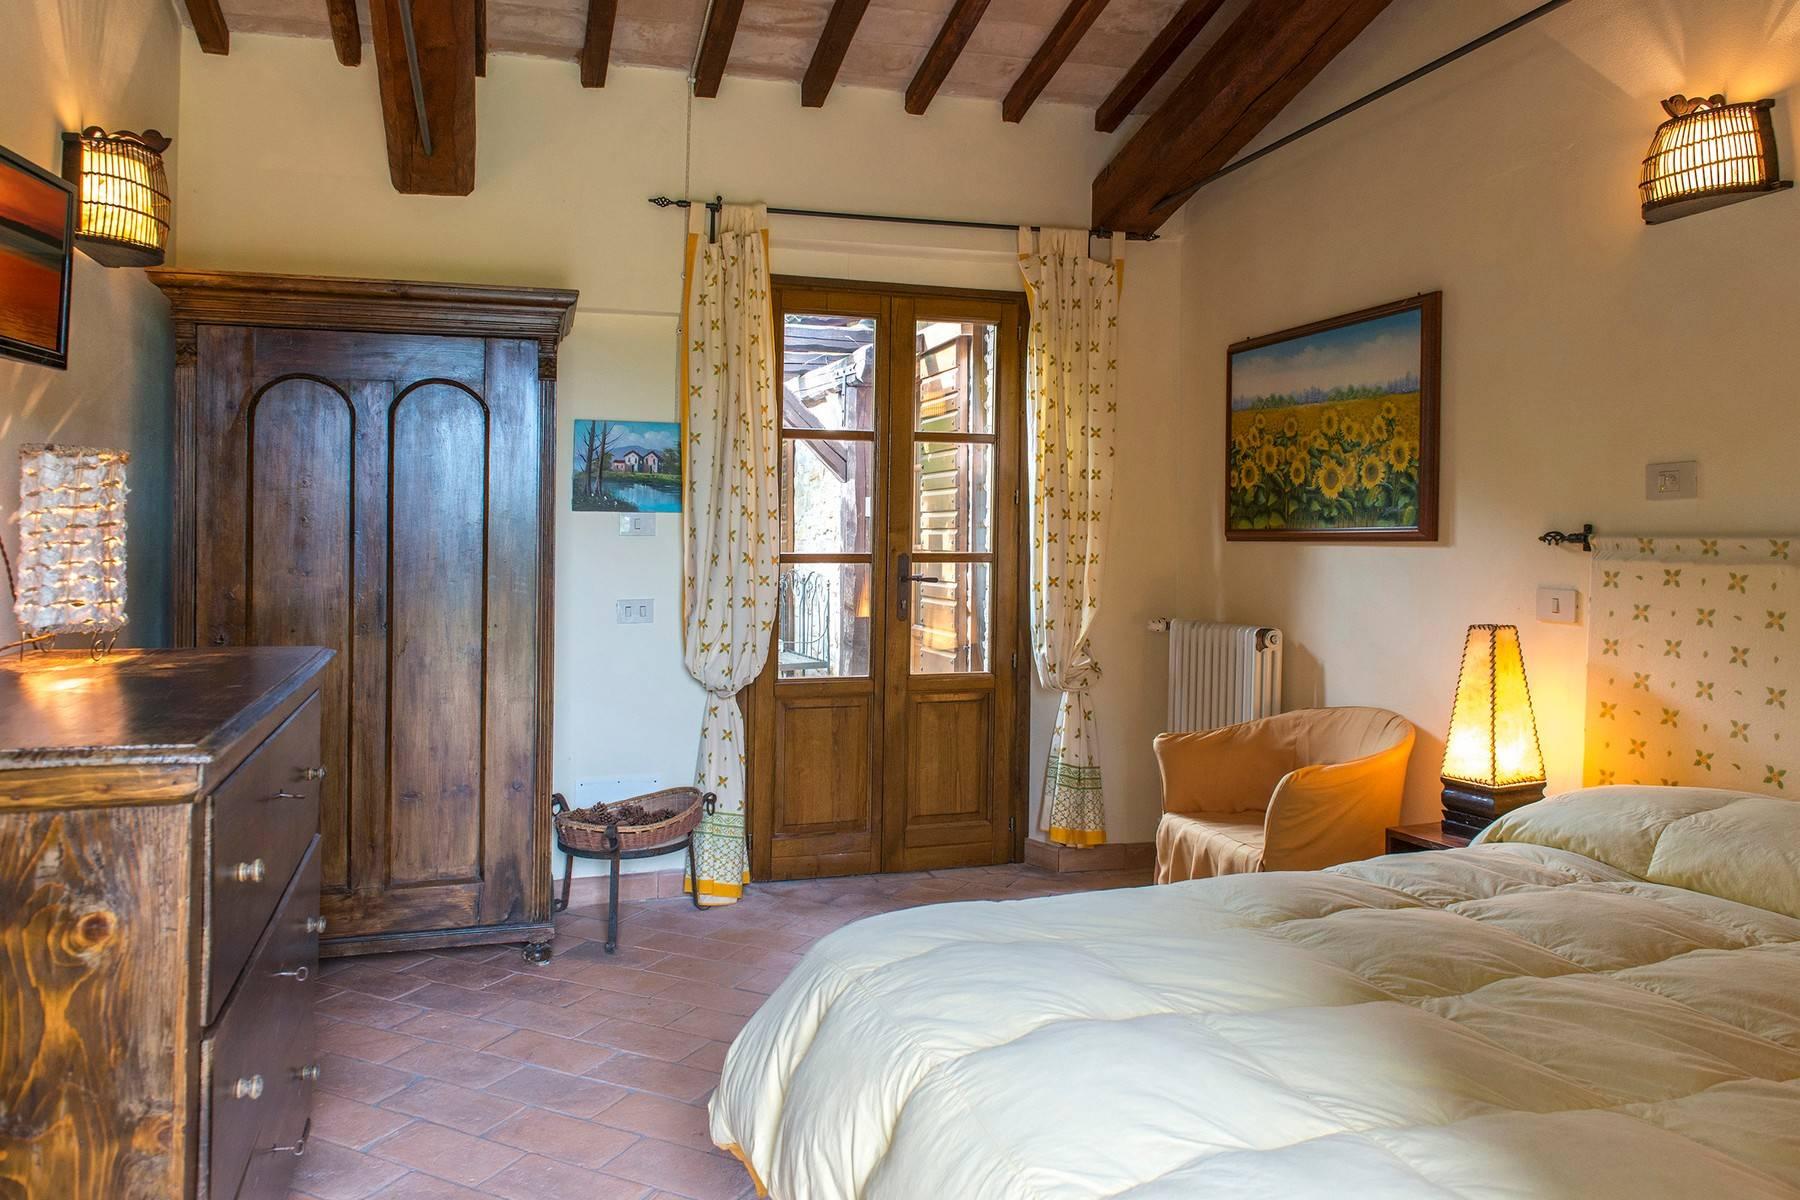 Villa in Vendita a Citta' Della Pieve: 5 locali, 350 mq - Foto 19